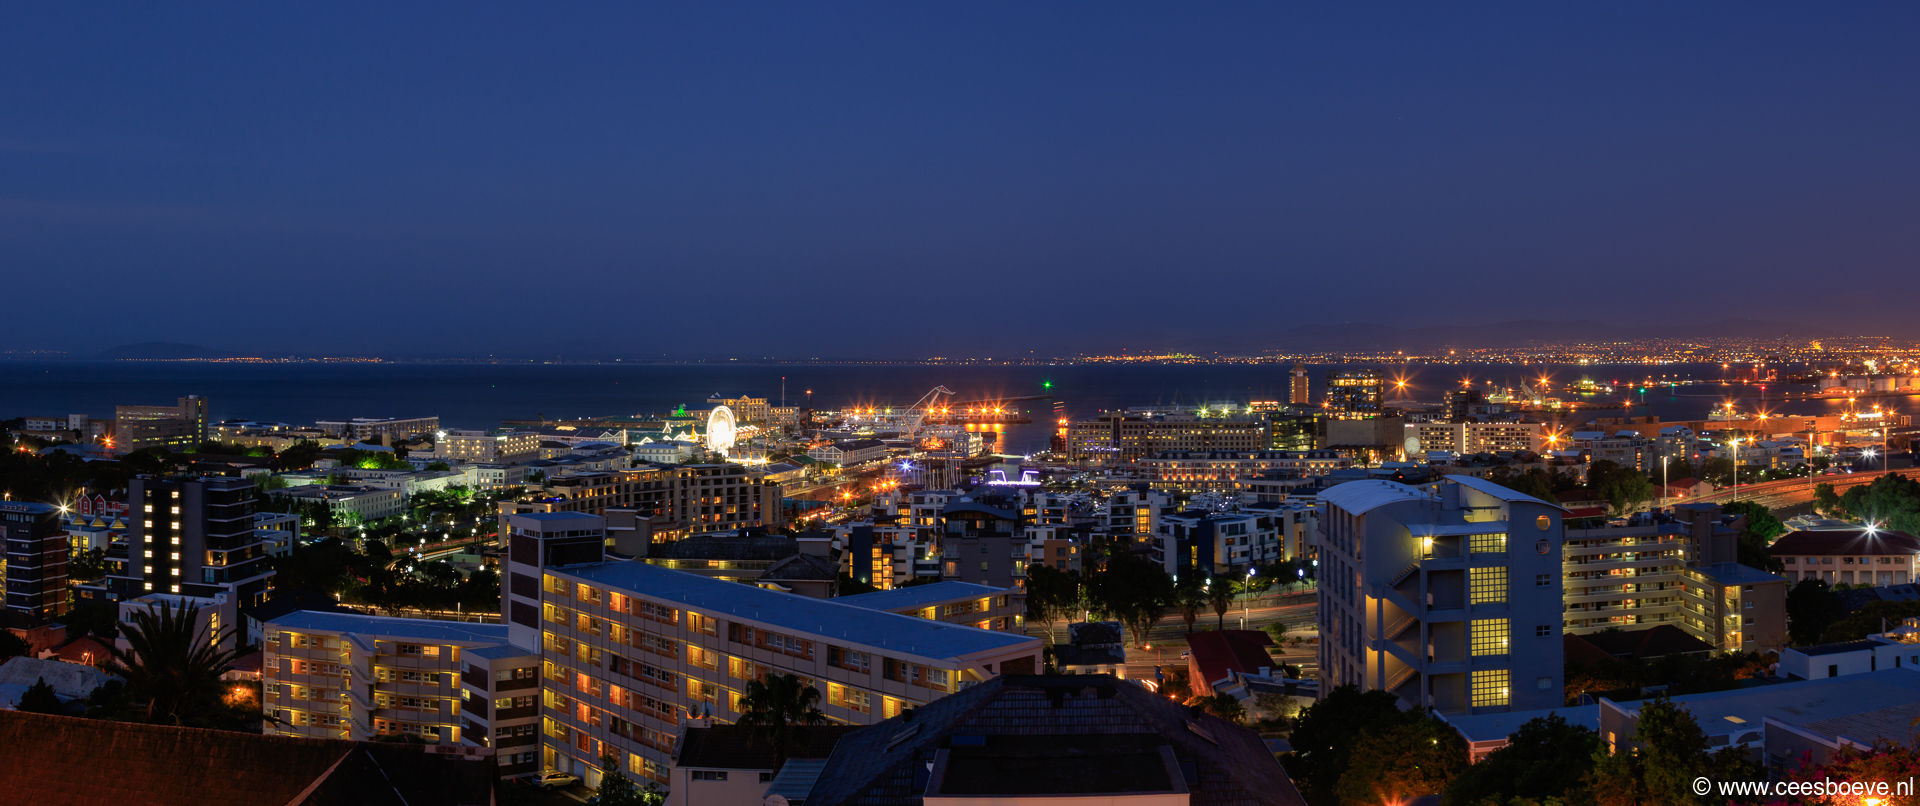 Waterfront / Kaapstad